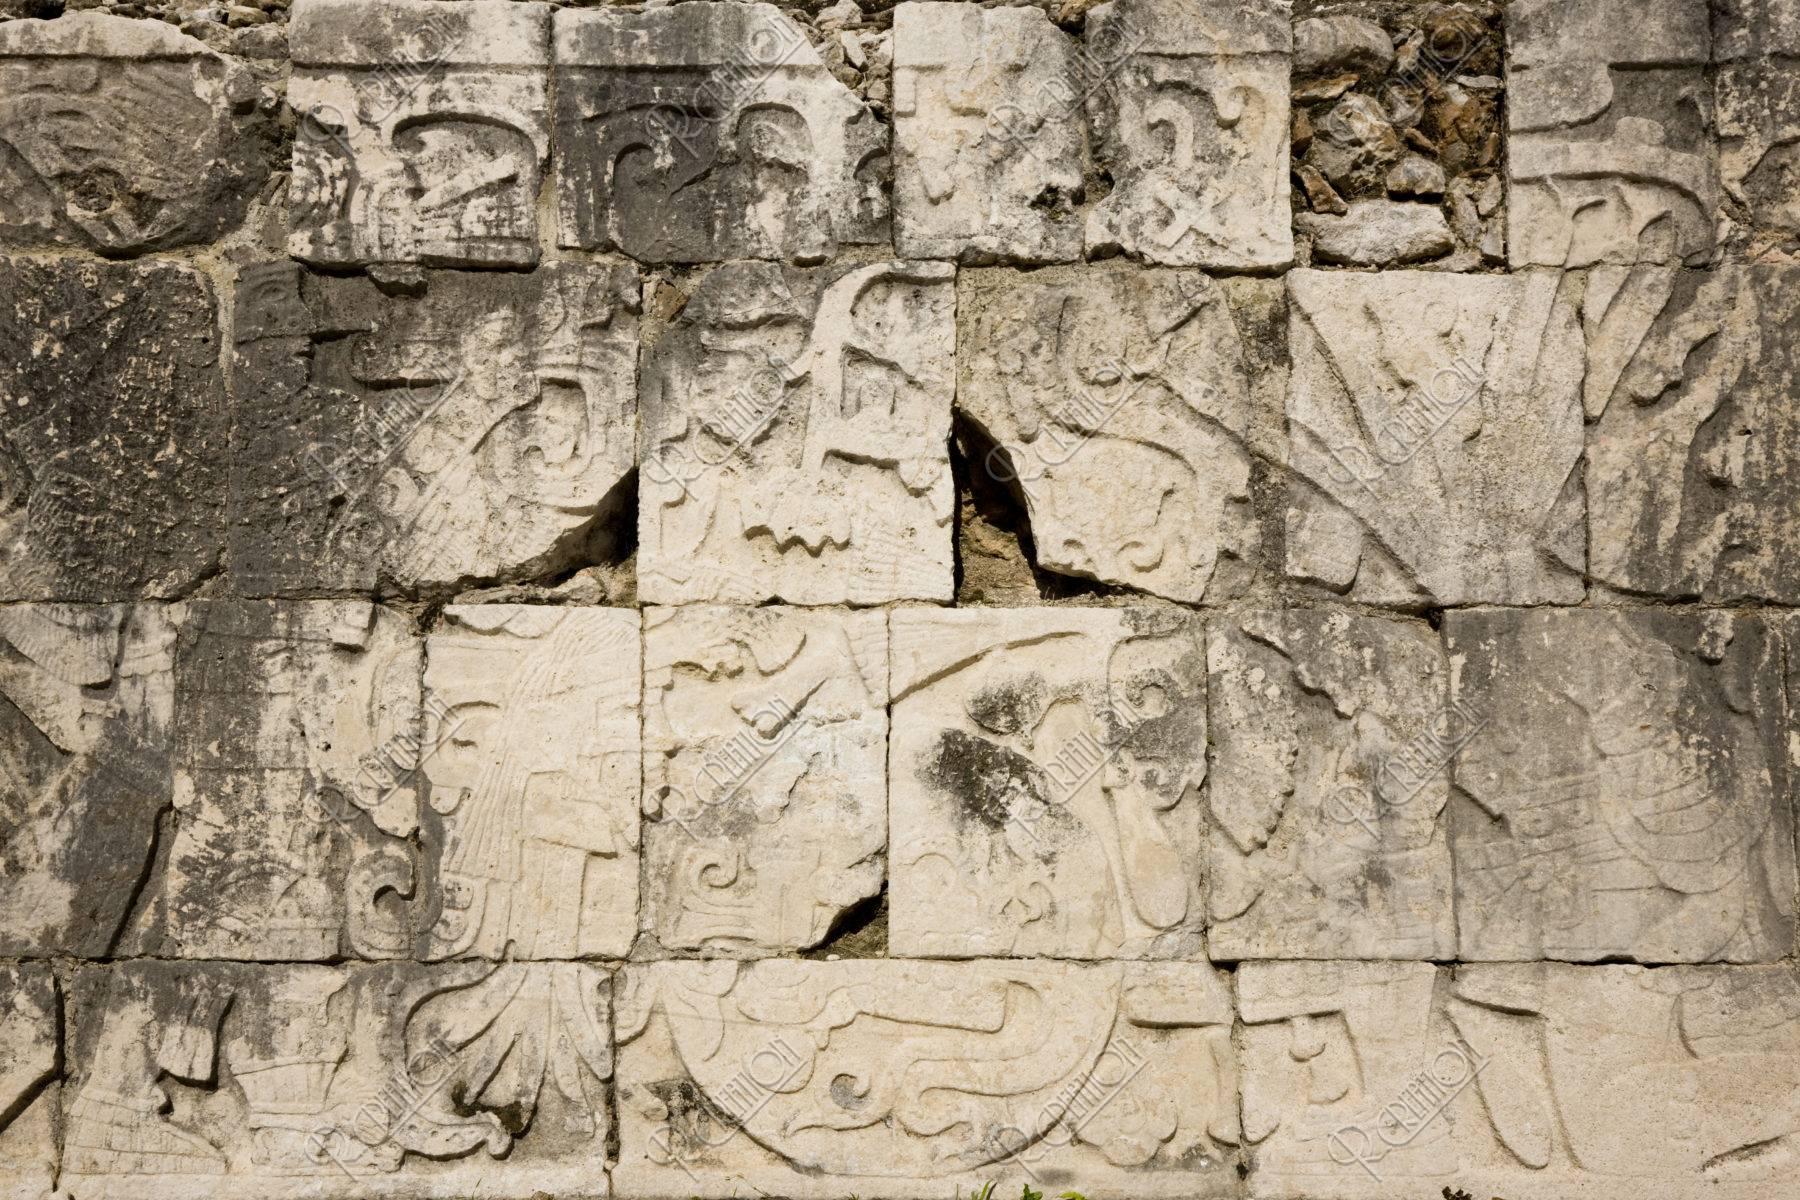 チチェンイッツァ遺跡 球戯場のレリーフ 世界遺産